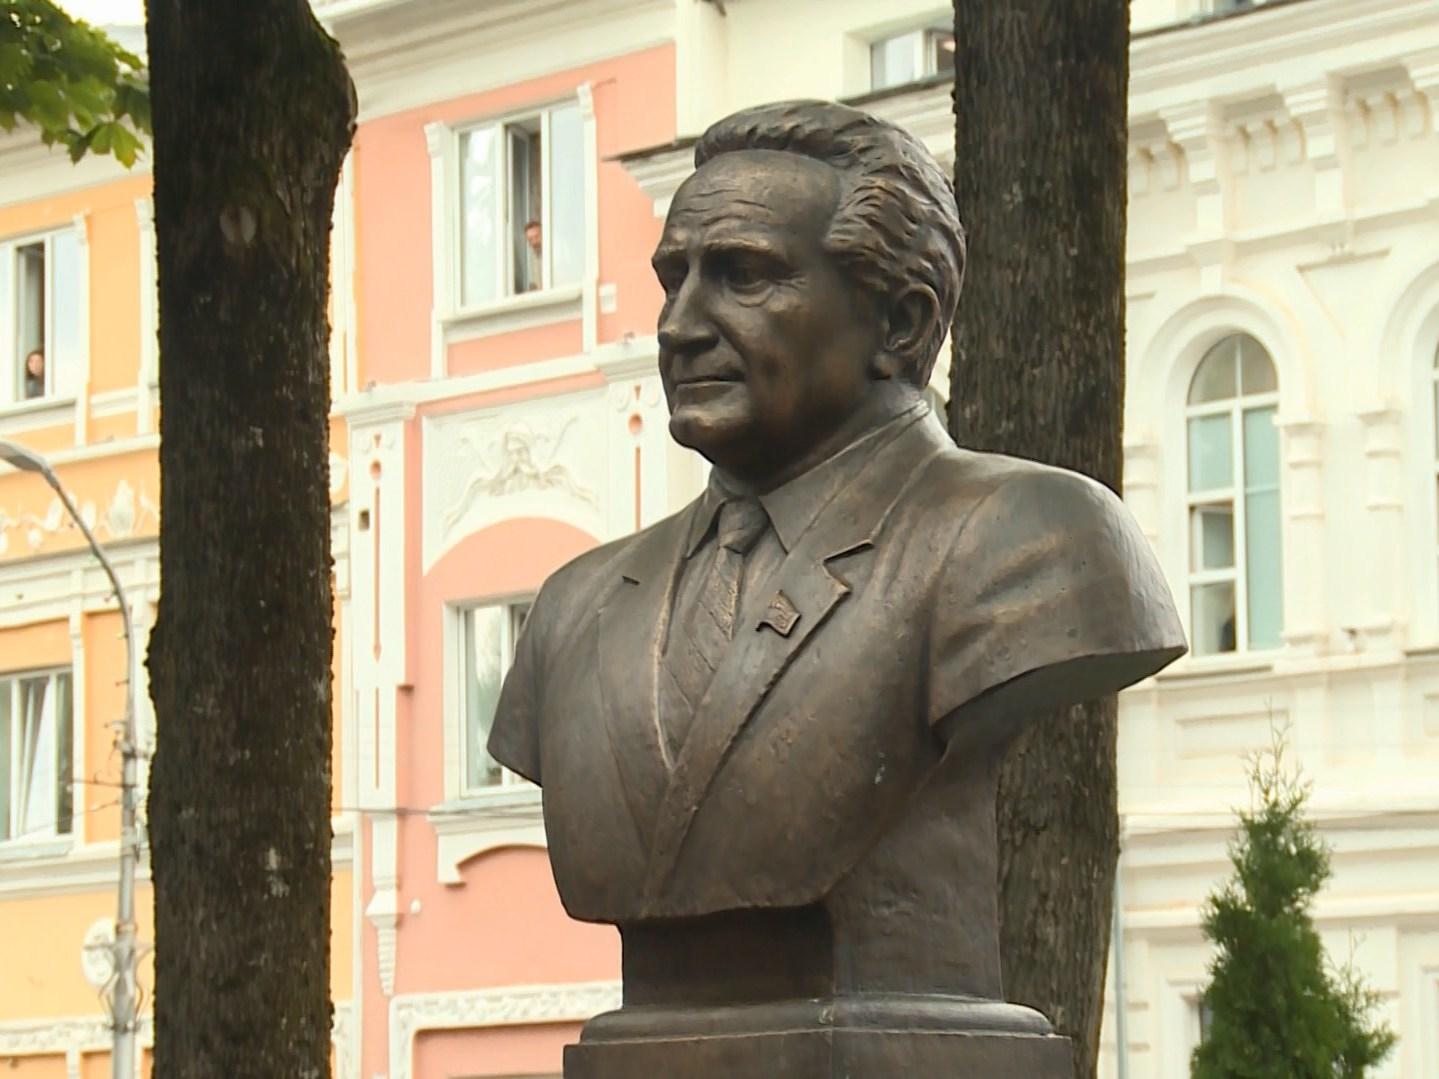 Сквер имени Клименко в Смоленске будет благоустроен